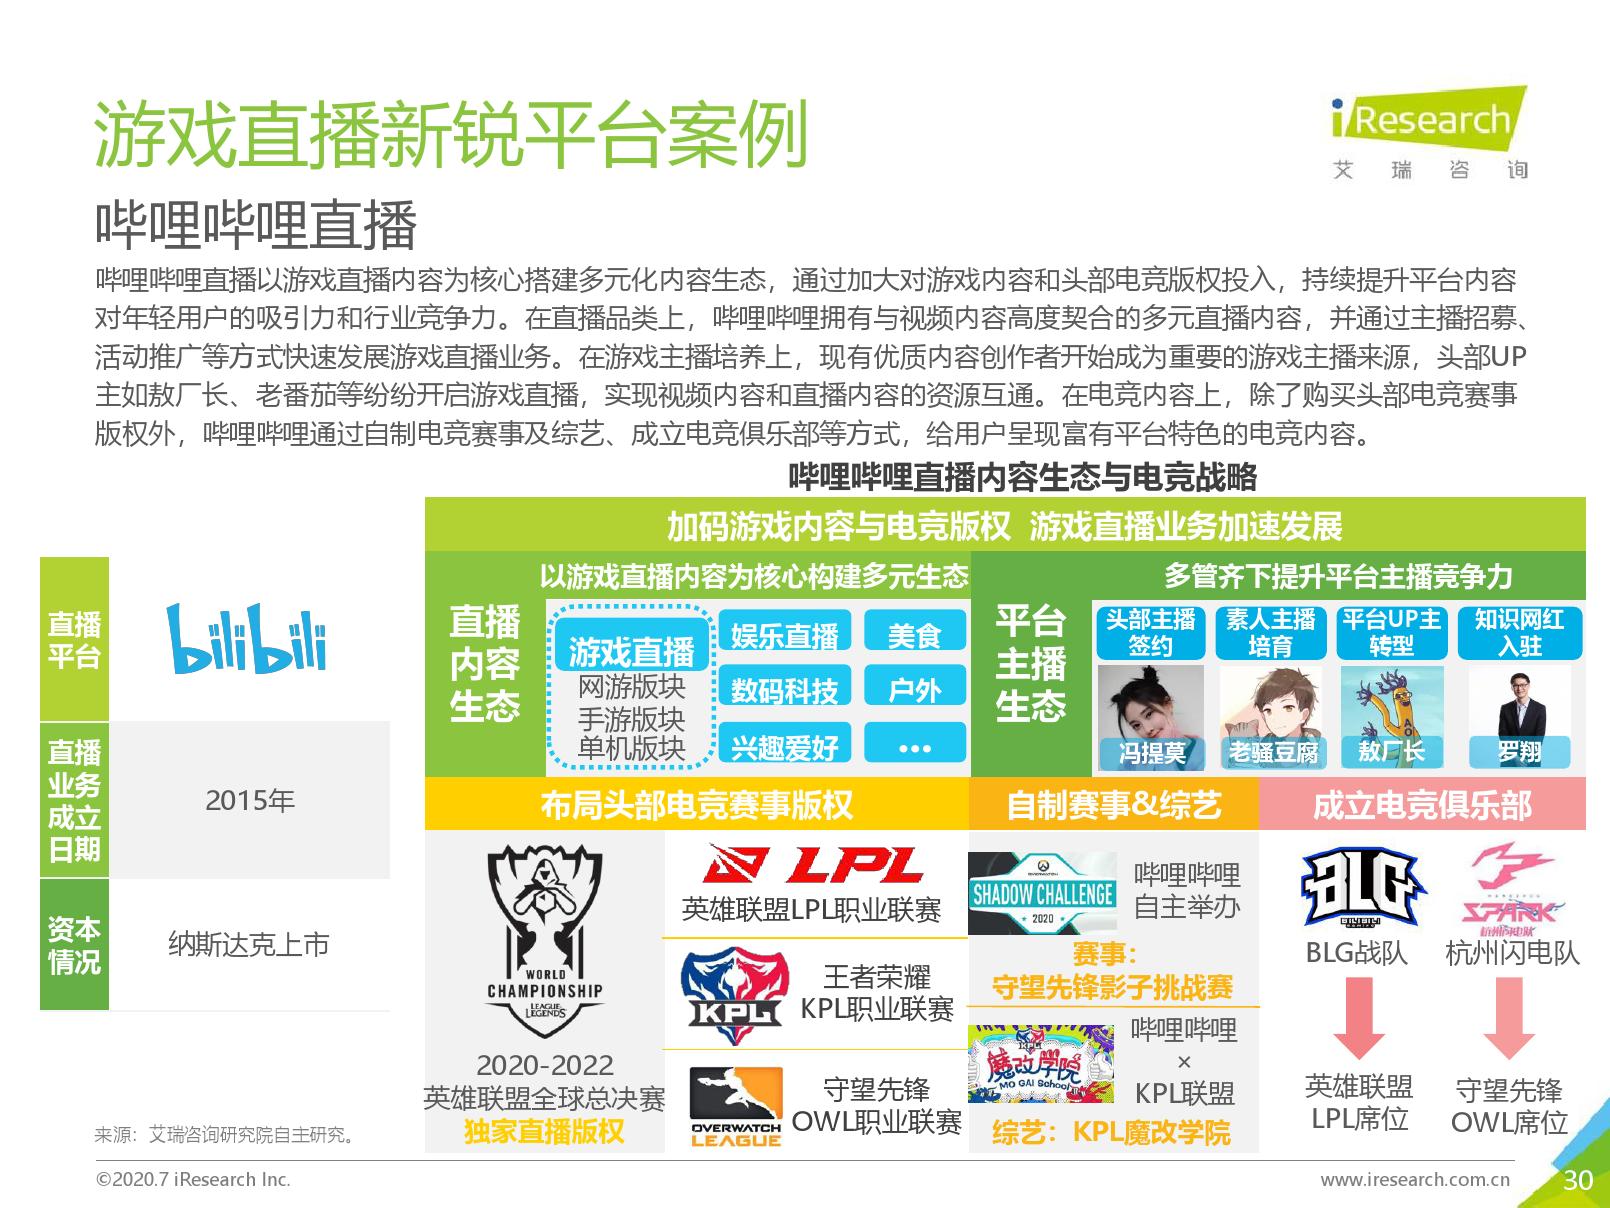 艾瑞咨询:2020年中国游戏直播行业研究报告(可下载报告)插图(59)